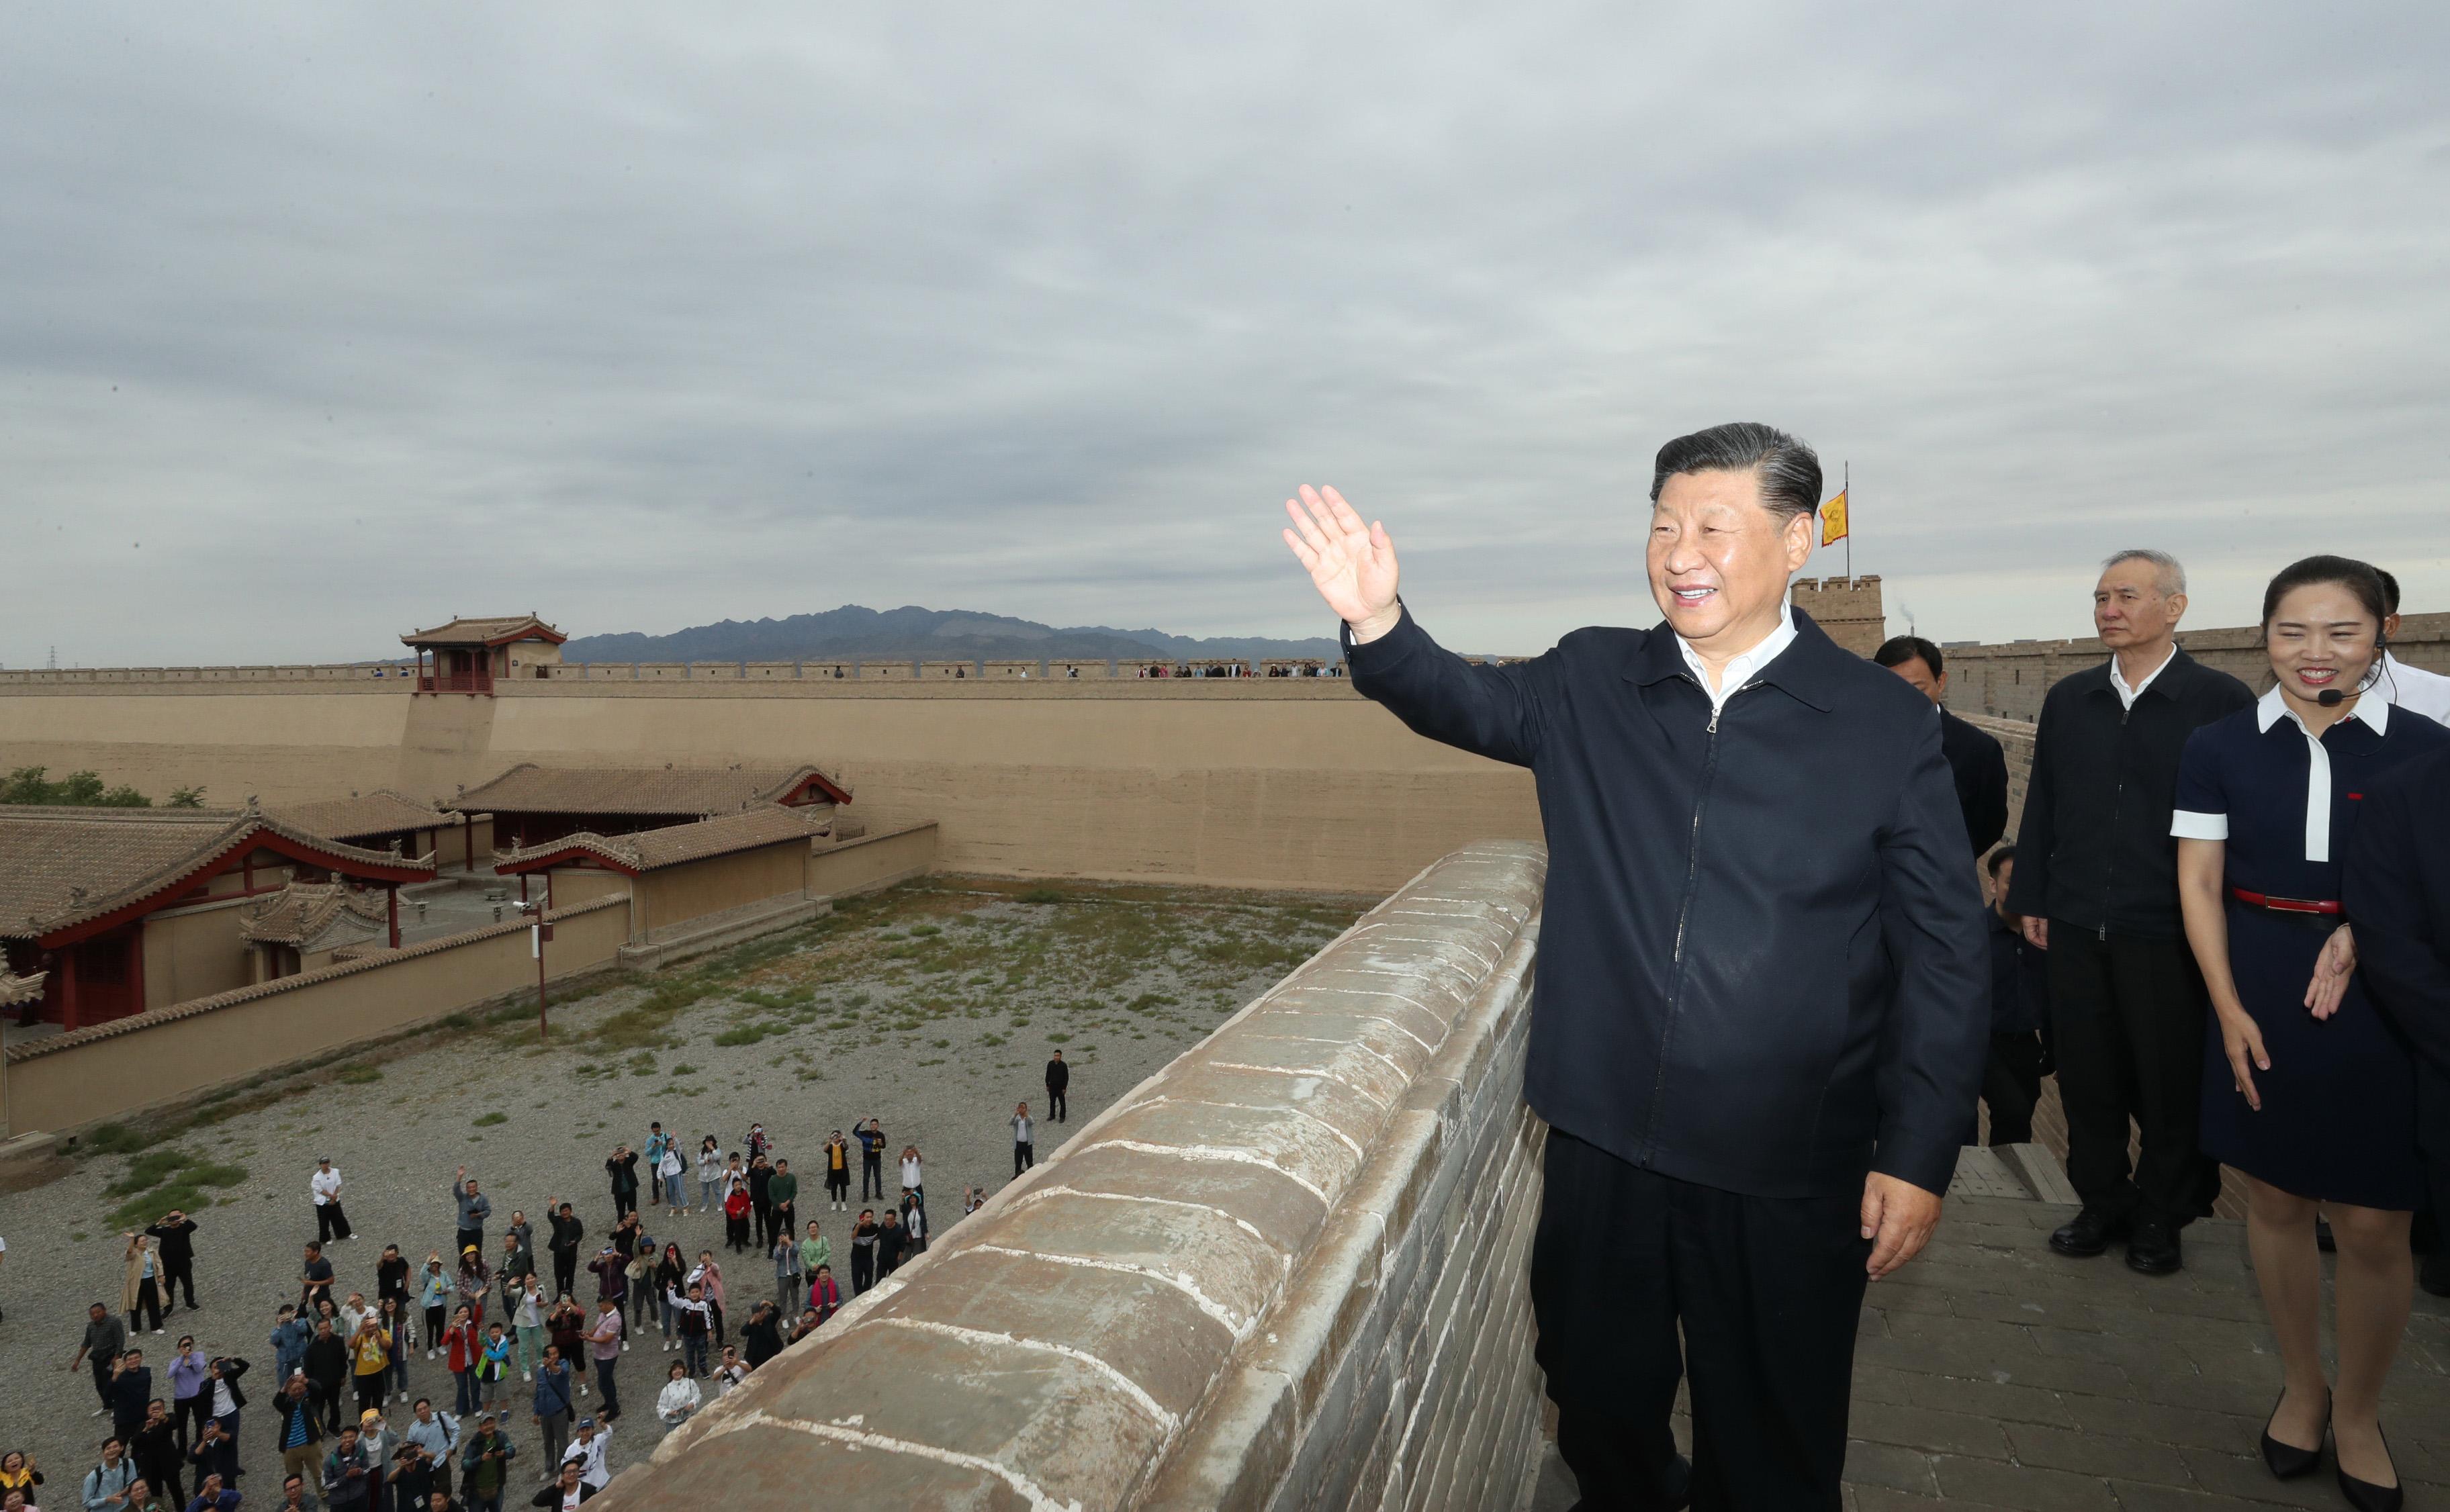 President Xi visits Jiayu Pass